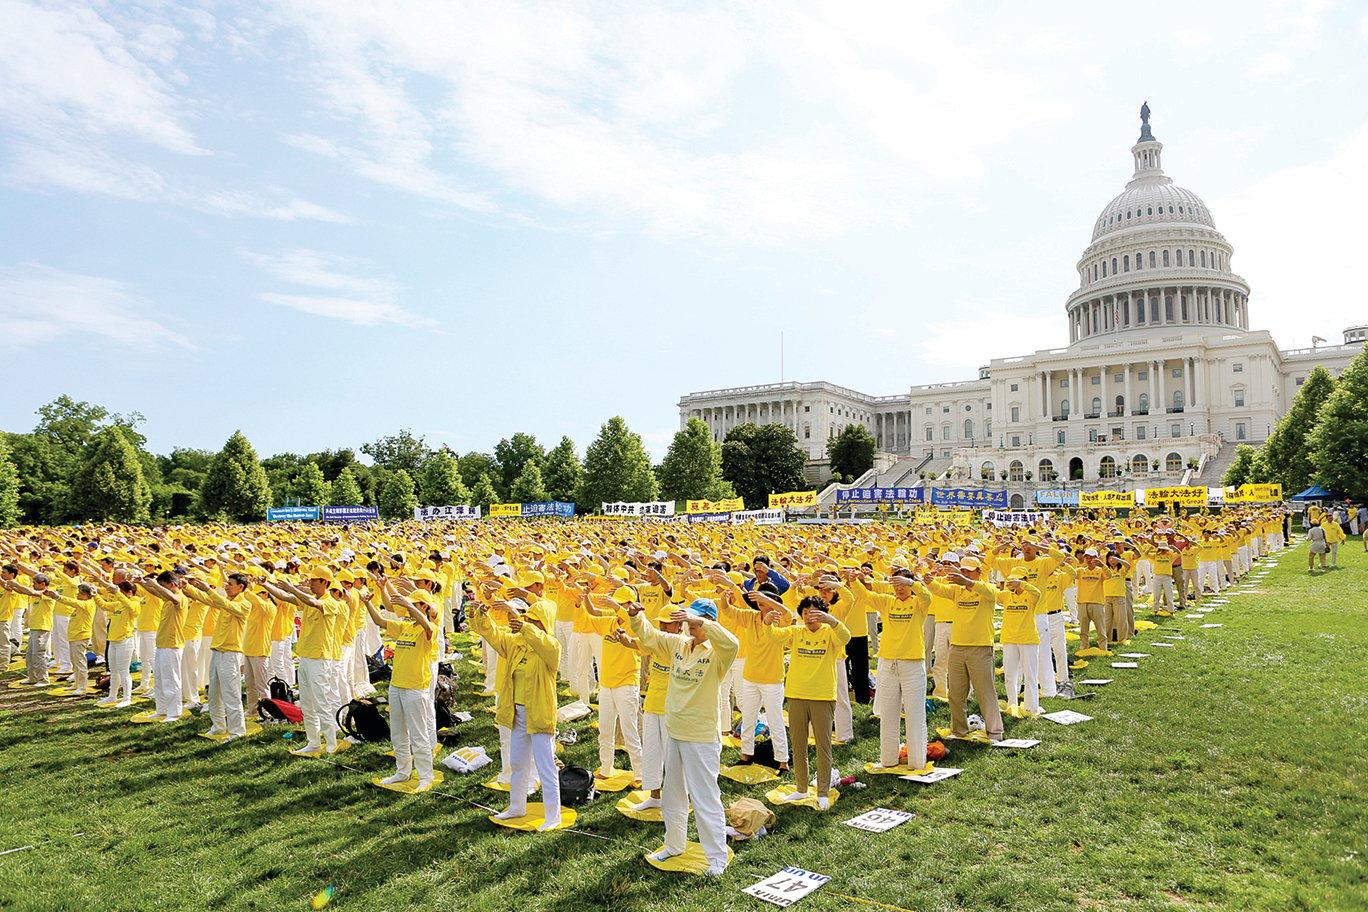 2018年6月20日,來自世界各地的部份法輪功學員在華盛頓DC美國國會前集體煉功。(李莎/大紀元)